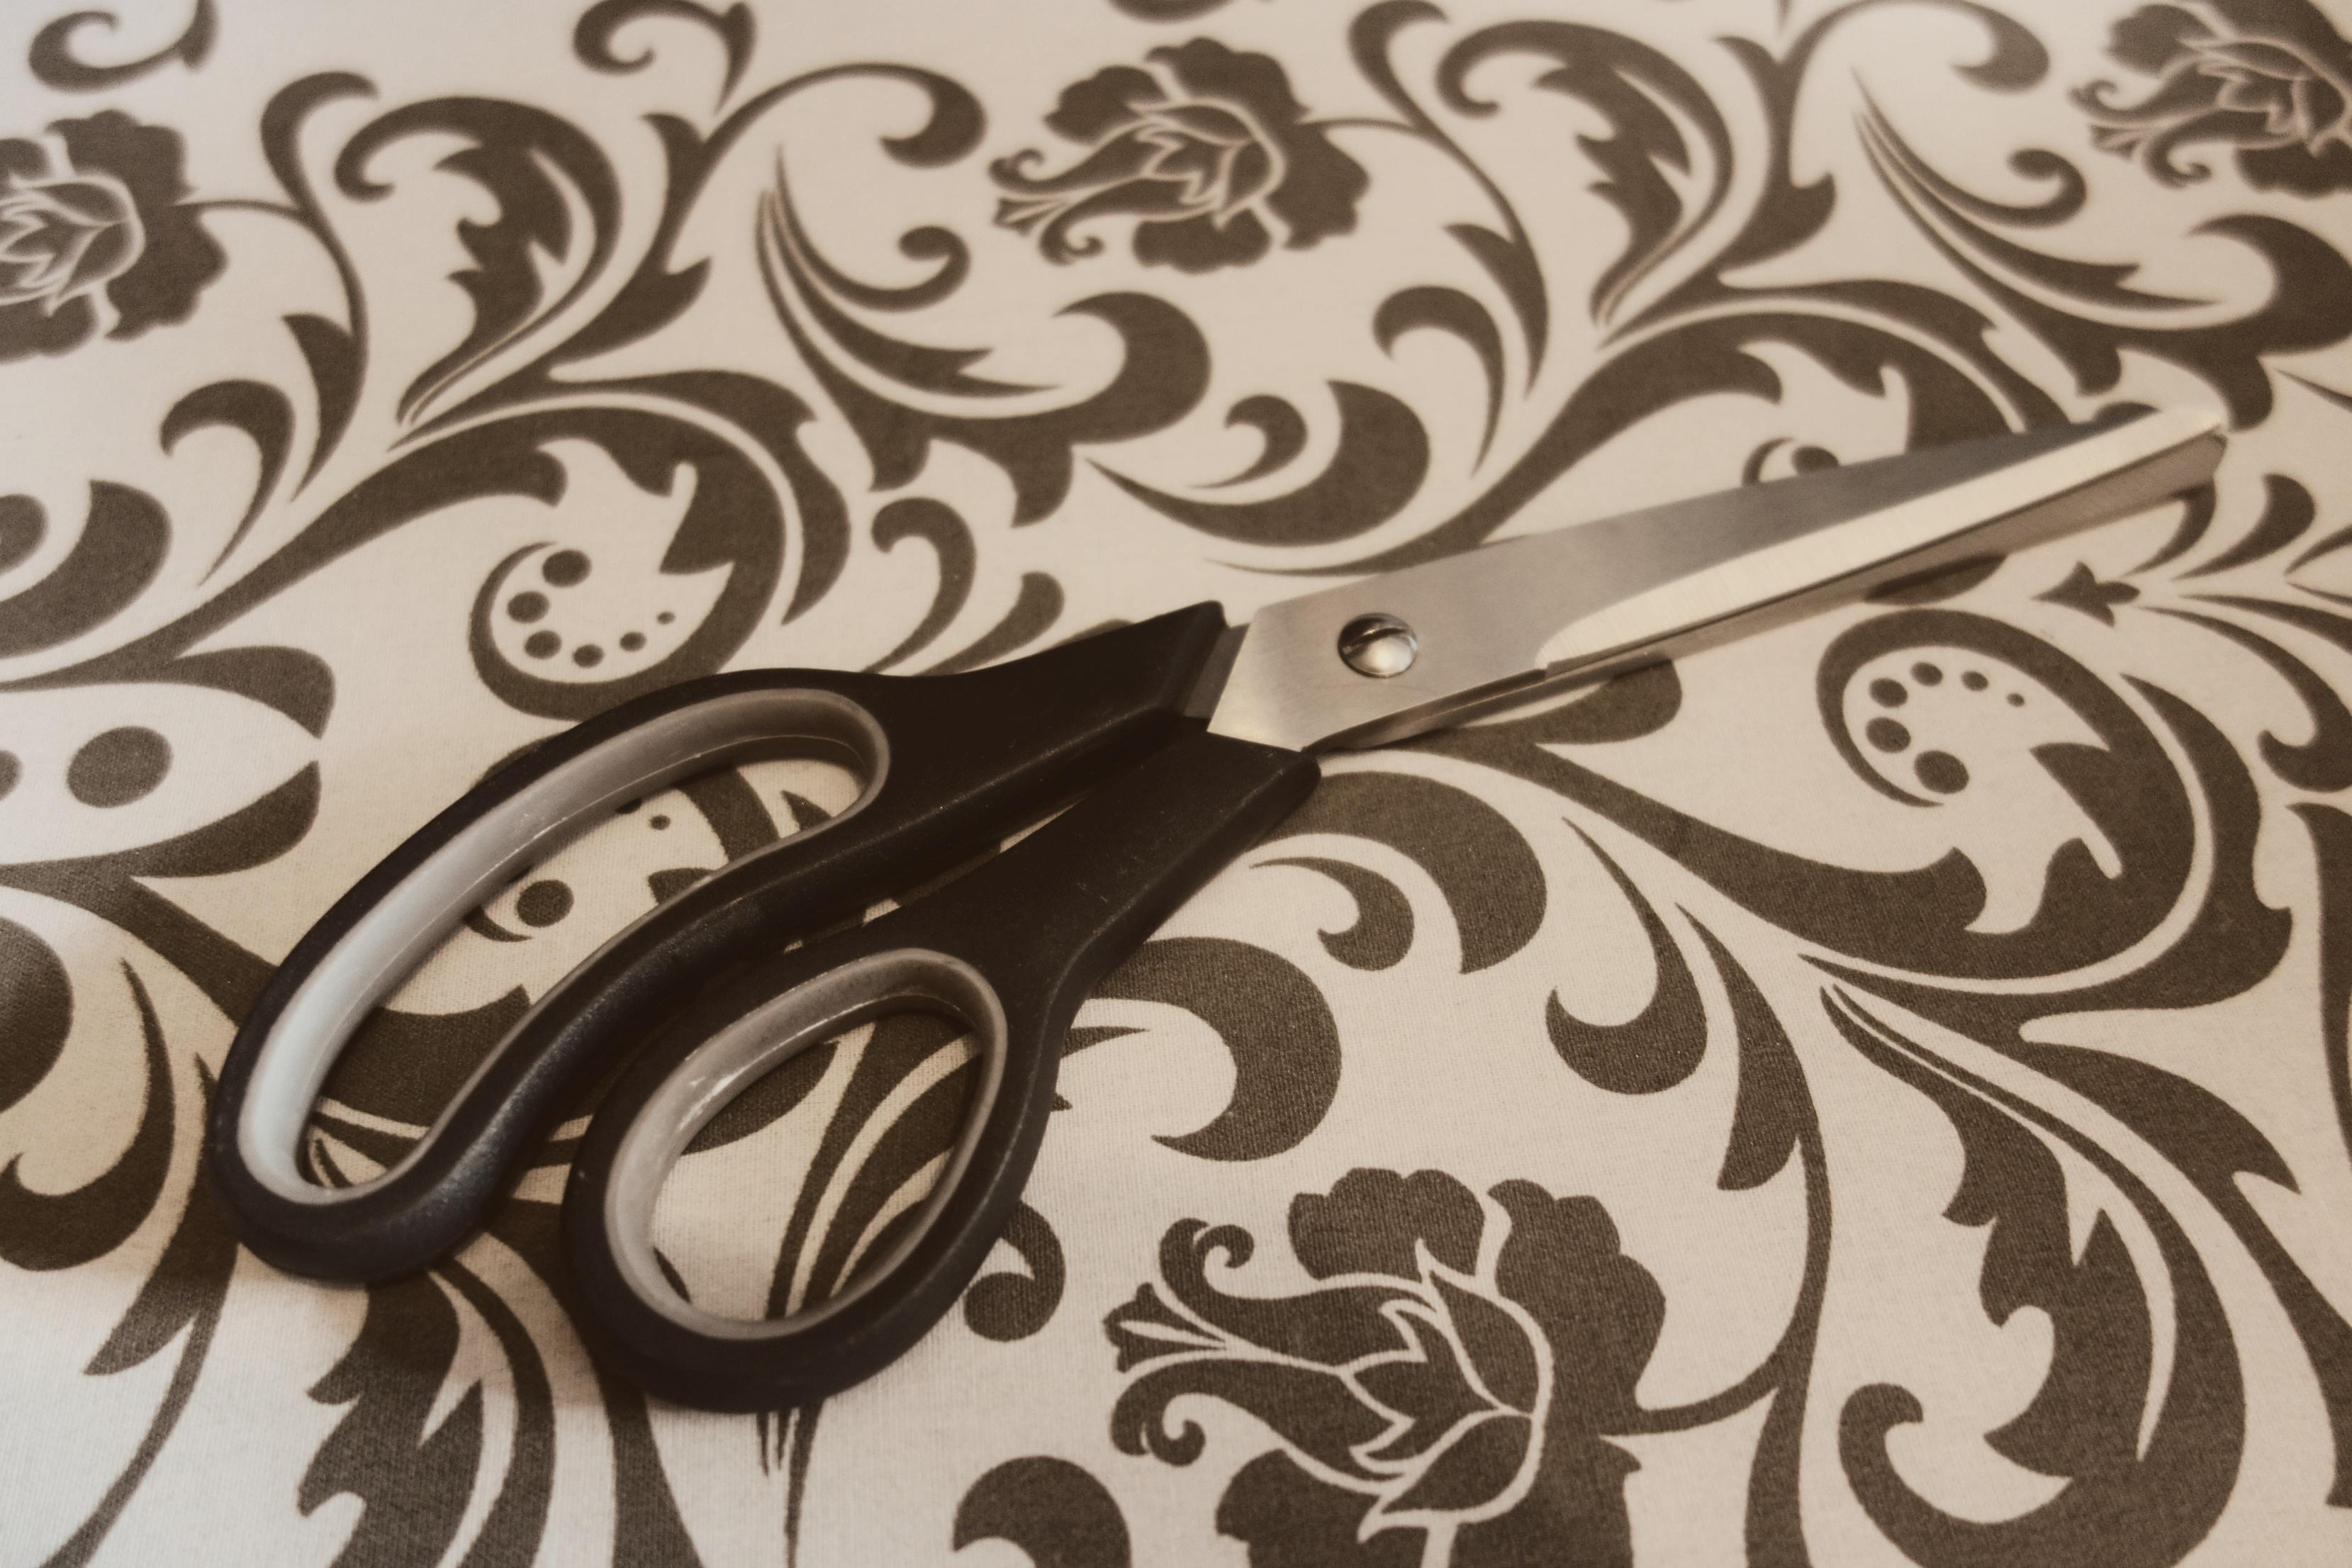 Gambar Alat Pola Coklat Kerajinan Hitam Lingkaran Memotong